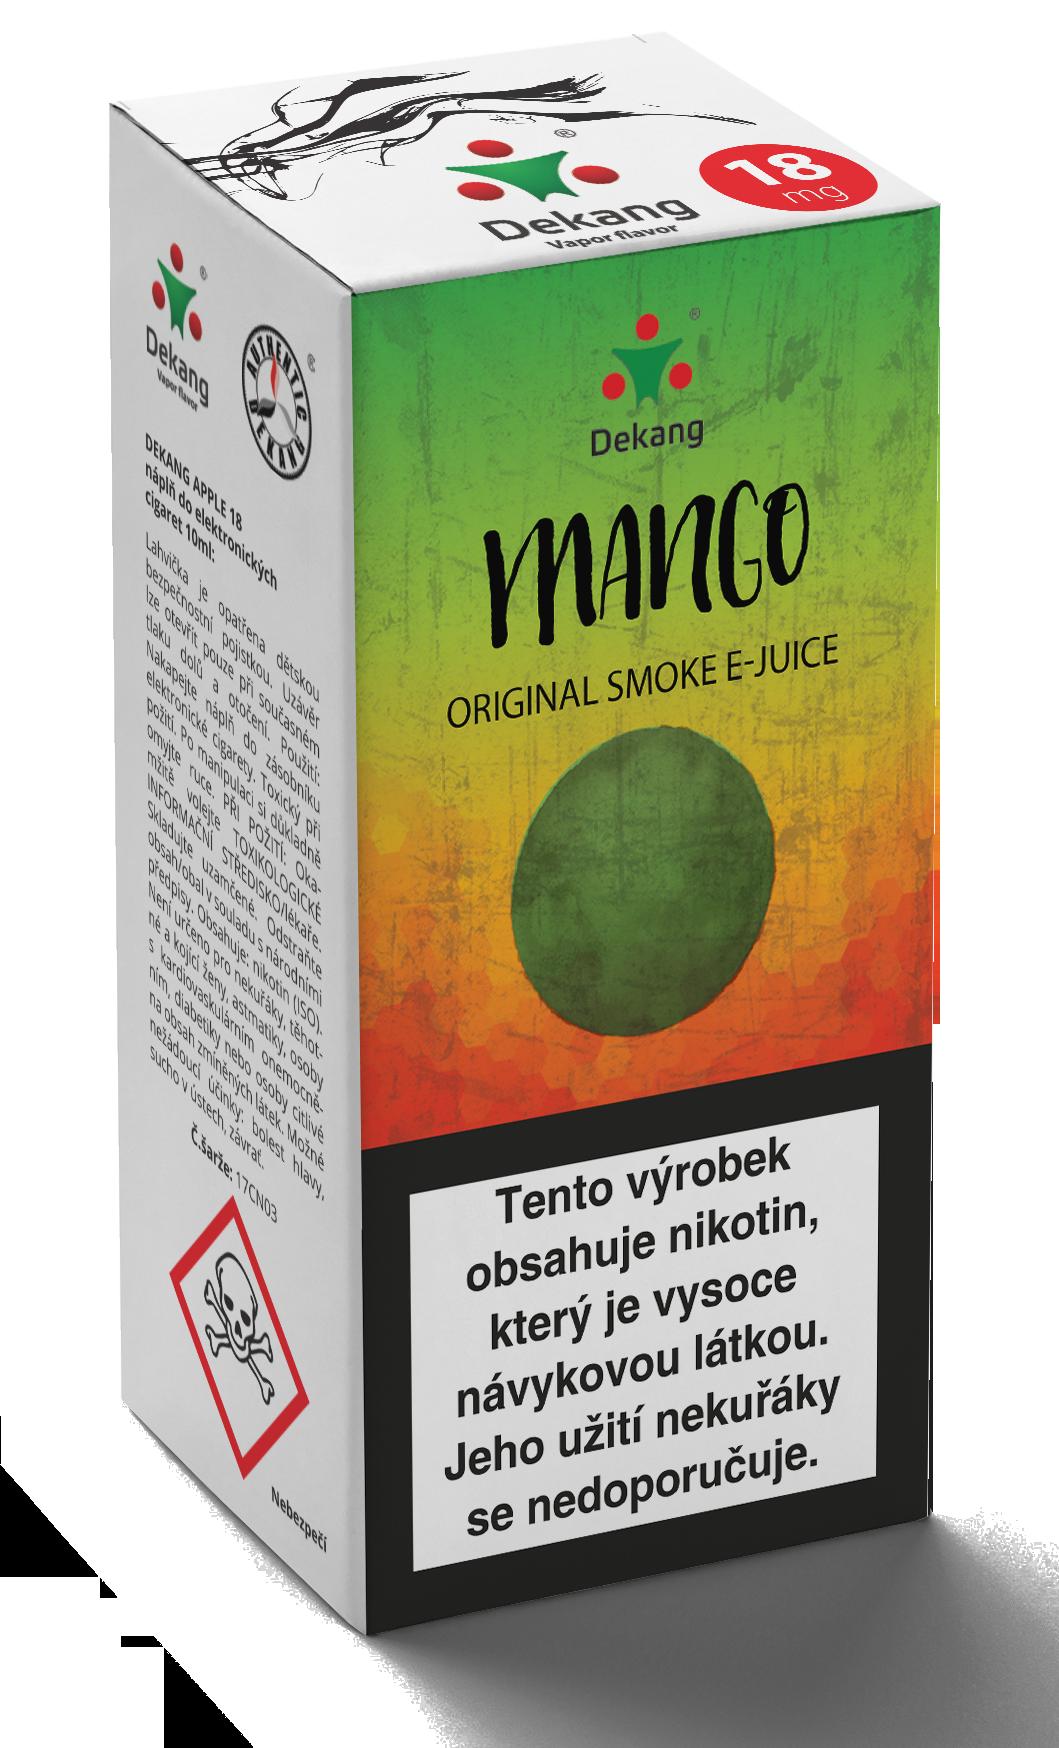 E-liquid Dekang 10ml Mango Množství nikotinu: 0mg